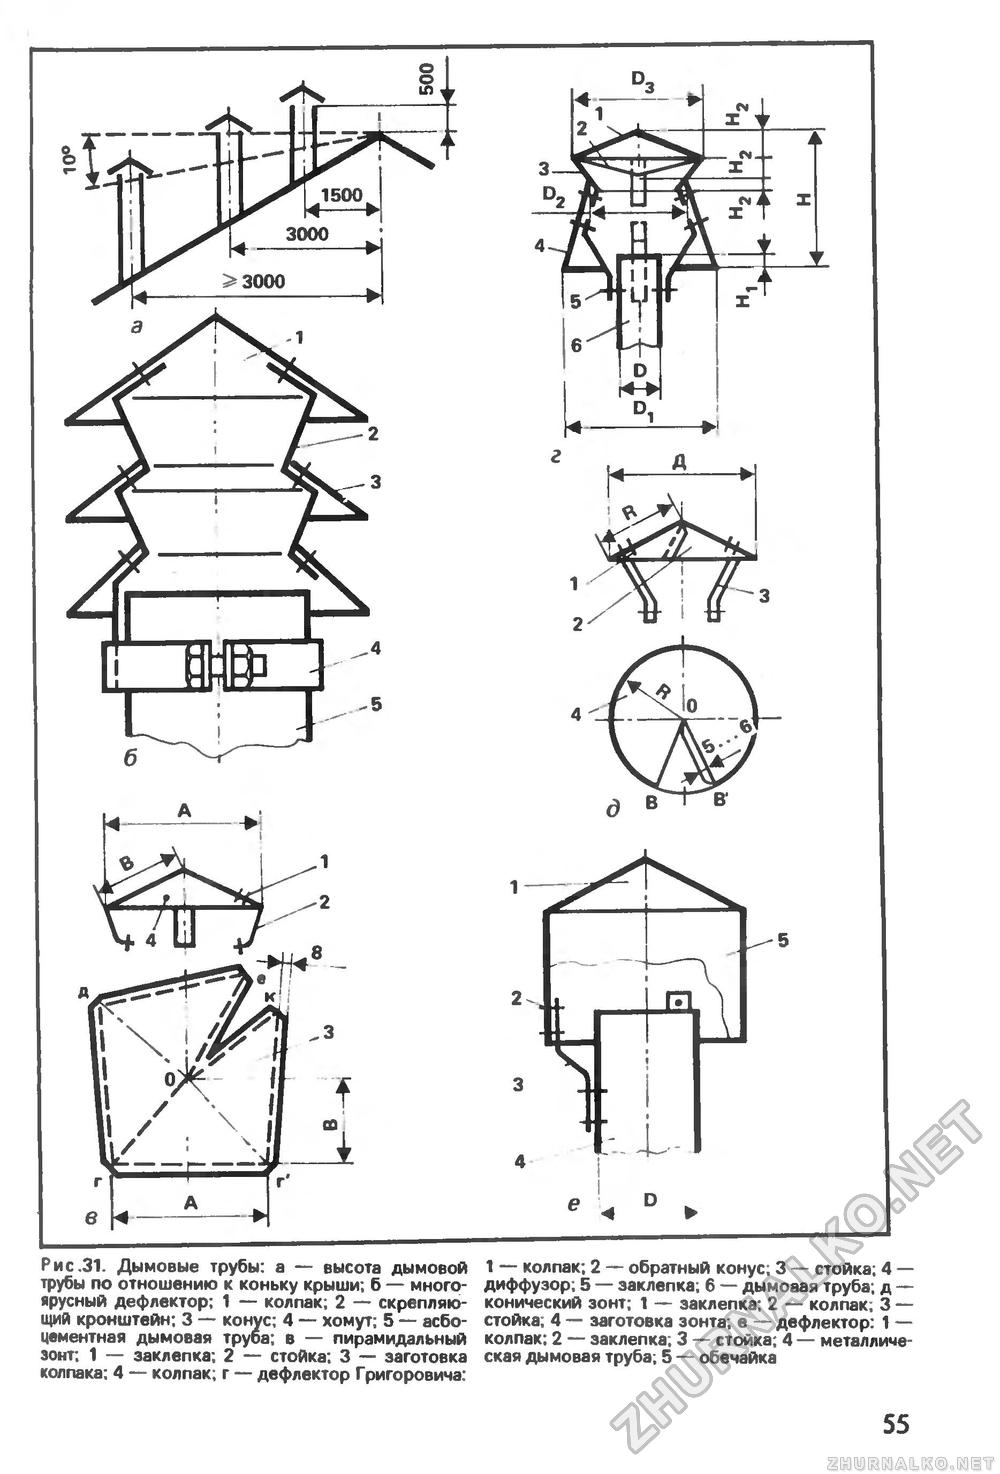 Дефлектор на дымоход своими руками: чертежи и инструкции 91